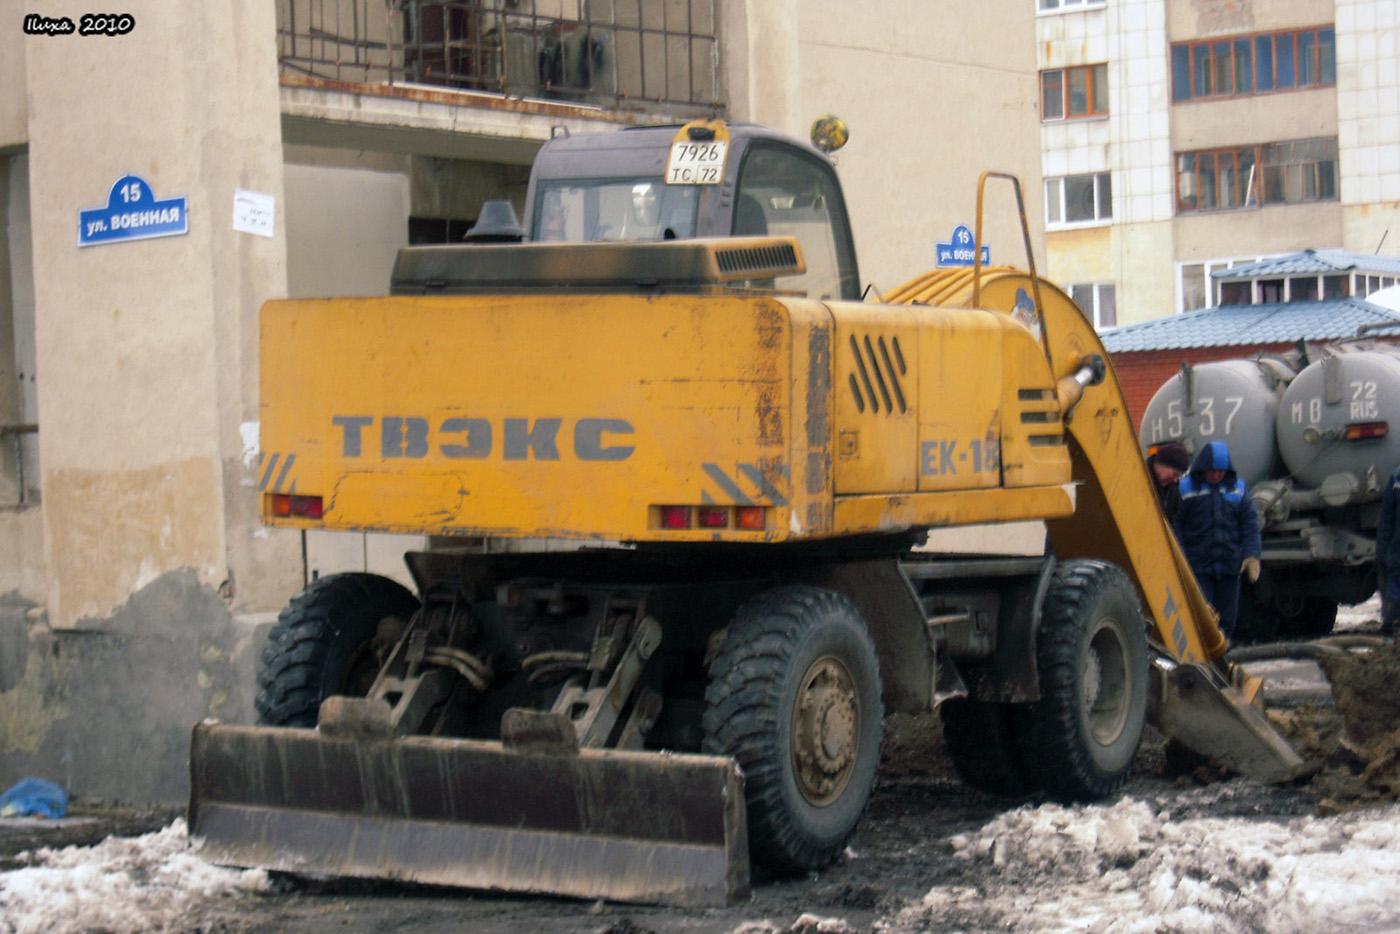 Экскаватор ЕК-18 #7926 ТС 72. Тюмень, Садовая улица